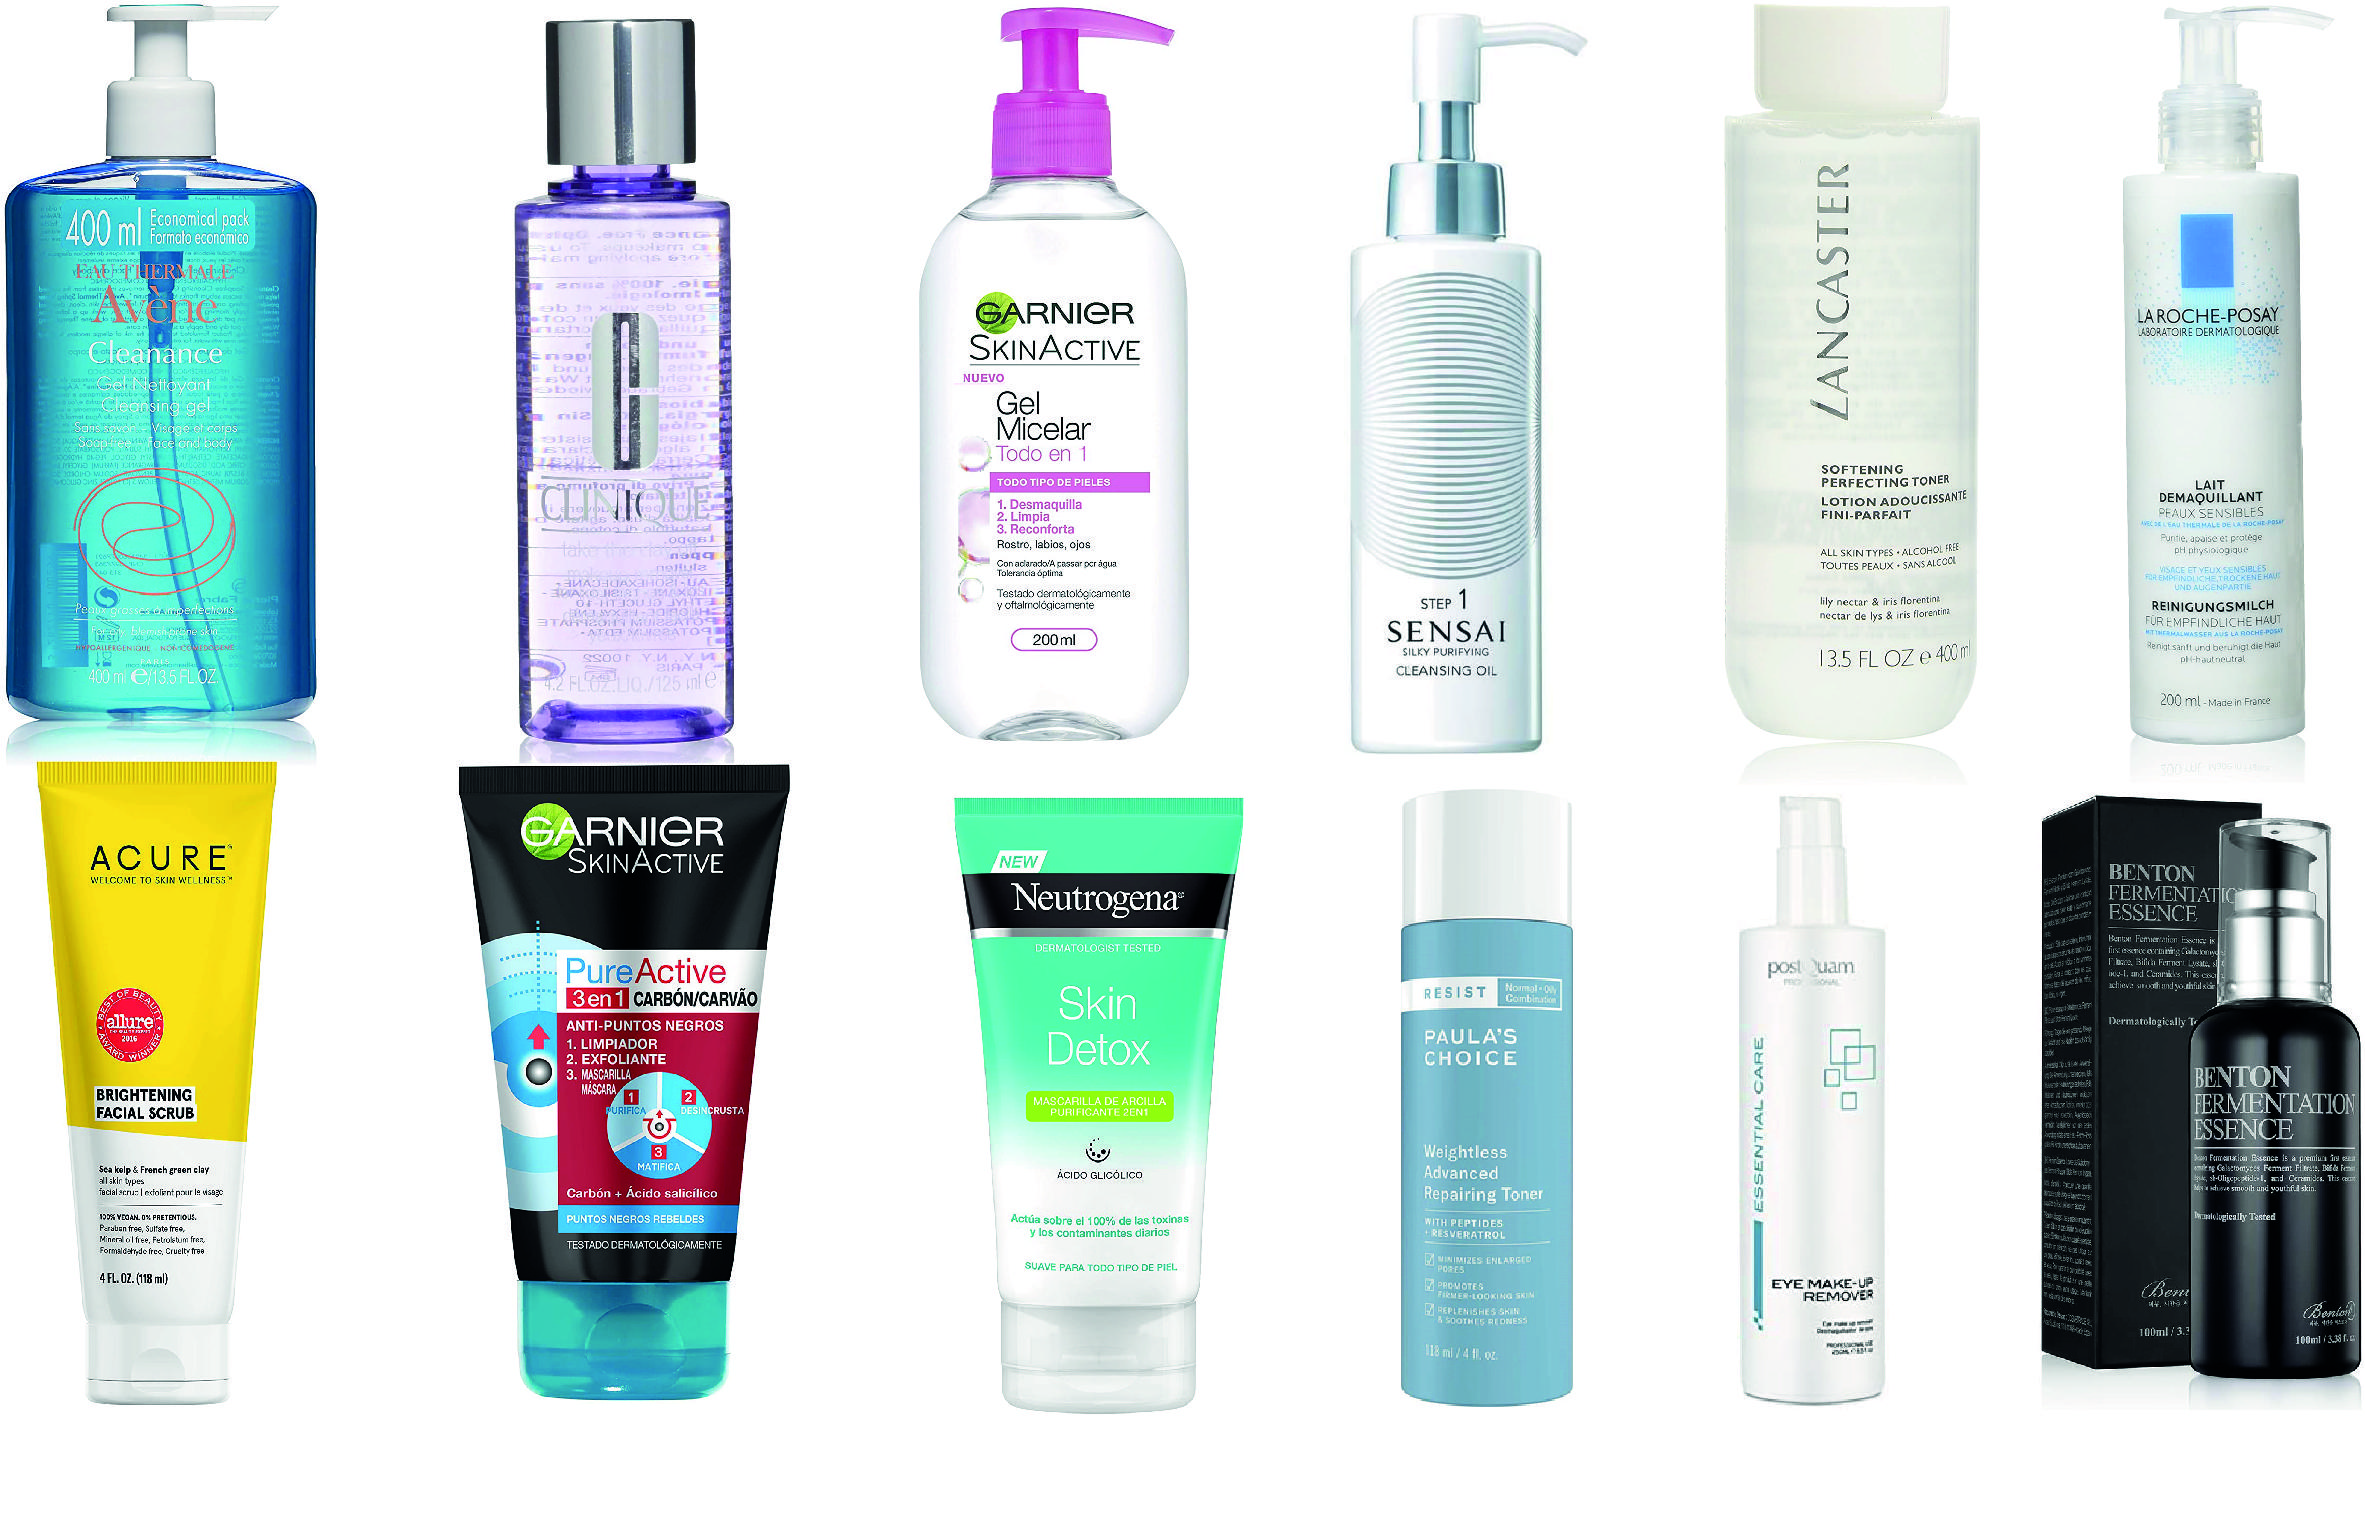 Limpieza Facial Los Mejores Exfoliantes Mascarillas Y Esencias Para La Cara